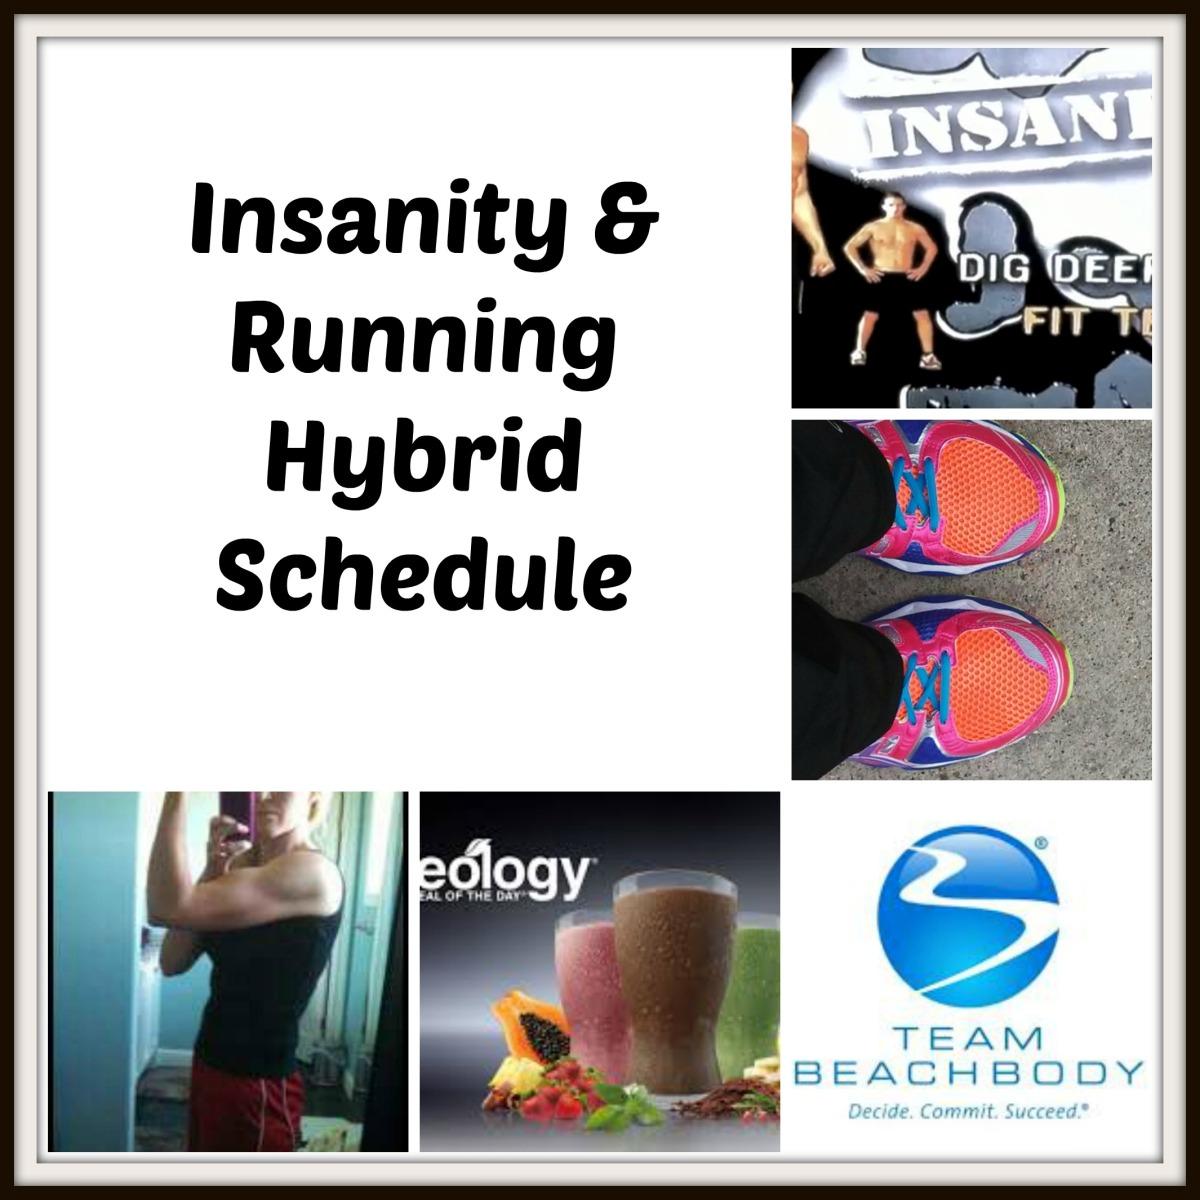 Insanity & Running Hybrid Schedule